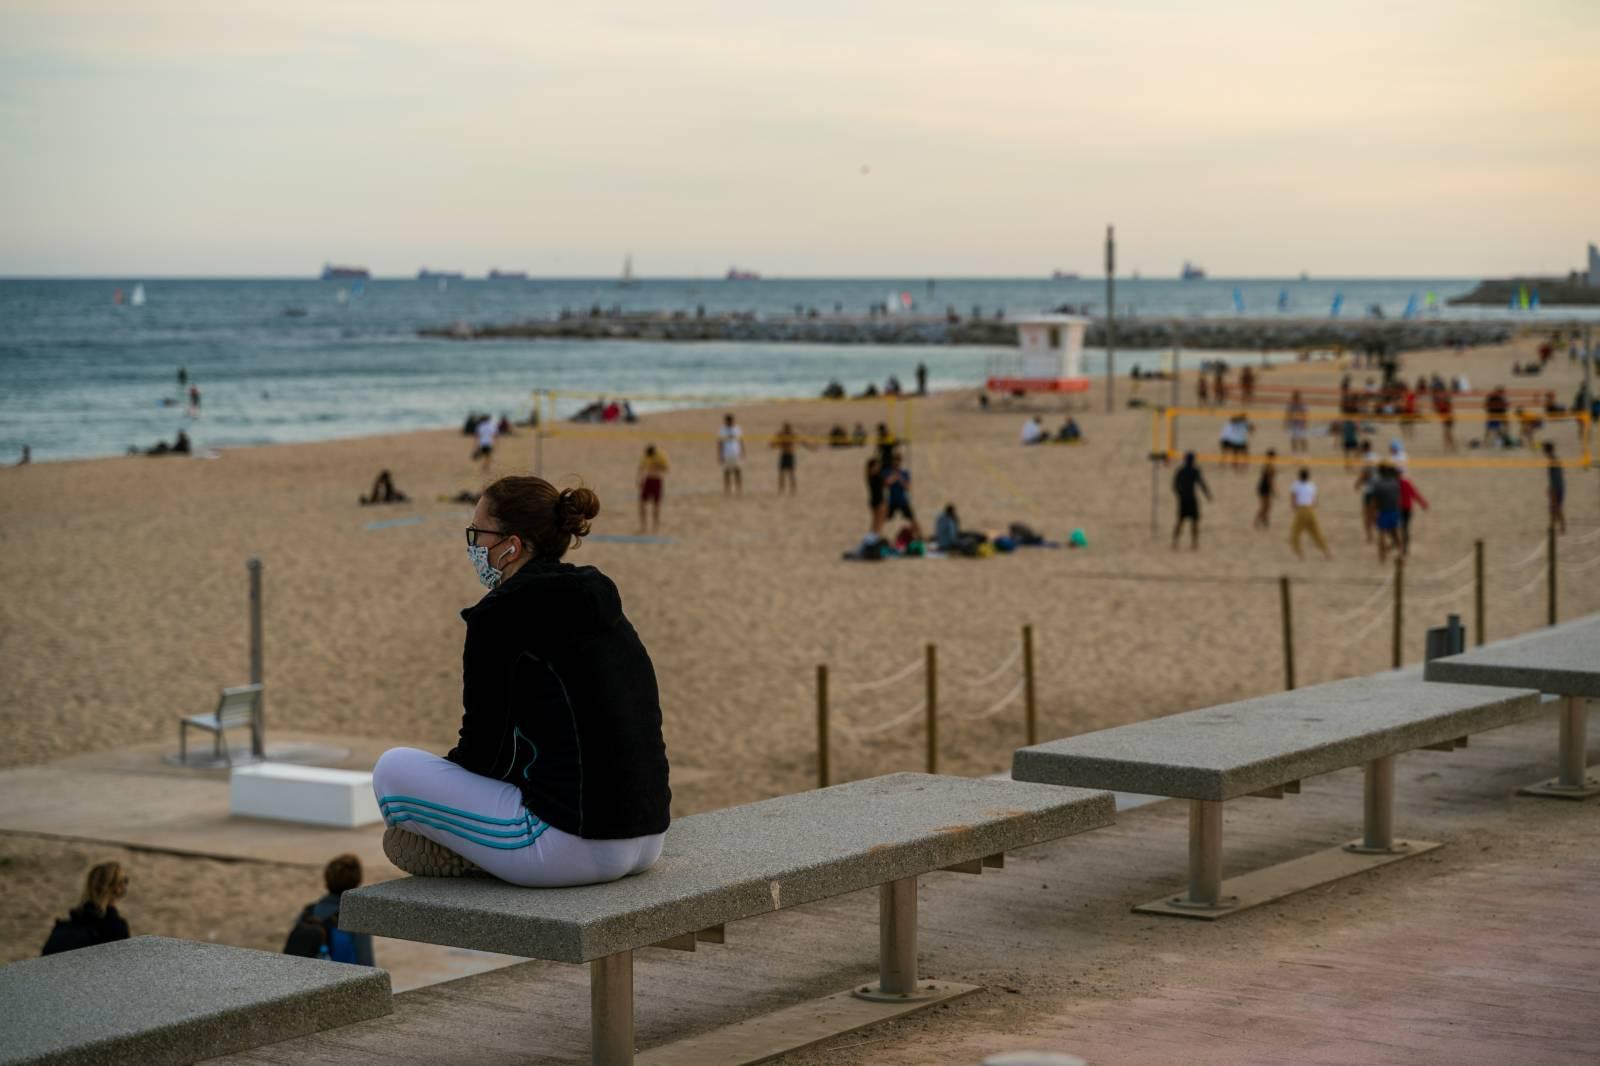 10月25日傍晚,人們在西班牙巴塞羅那海邊小憩。(新華社)